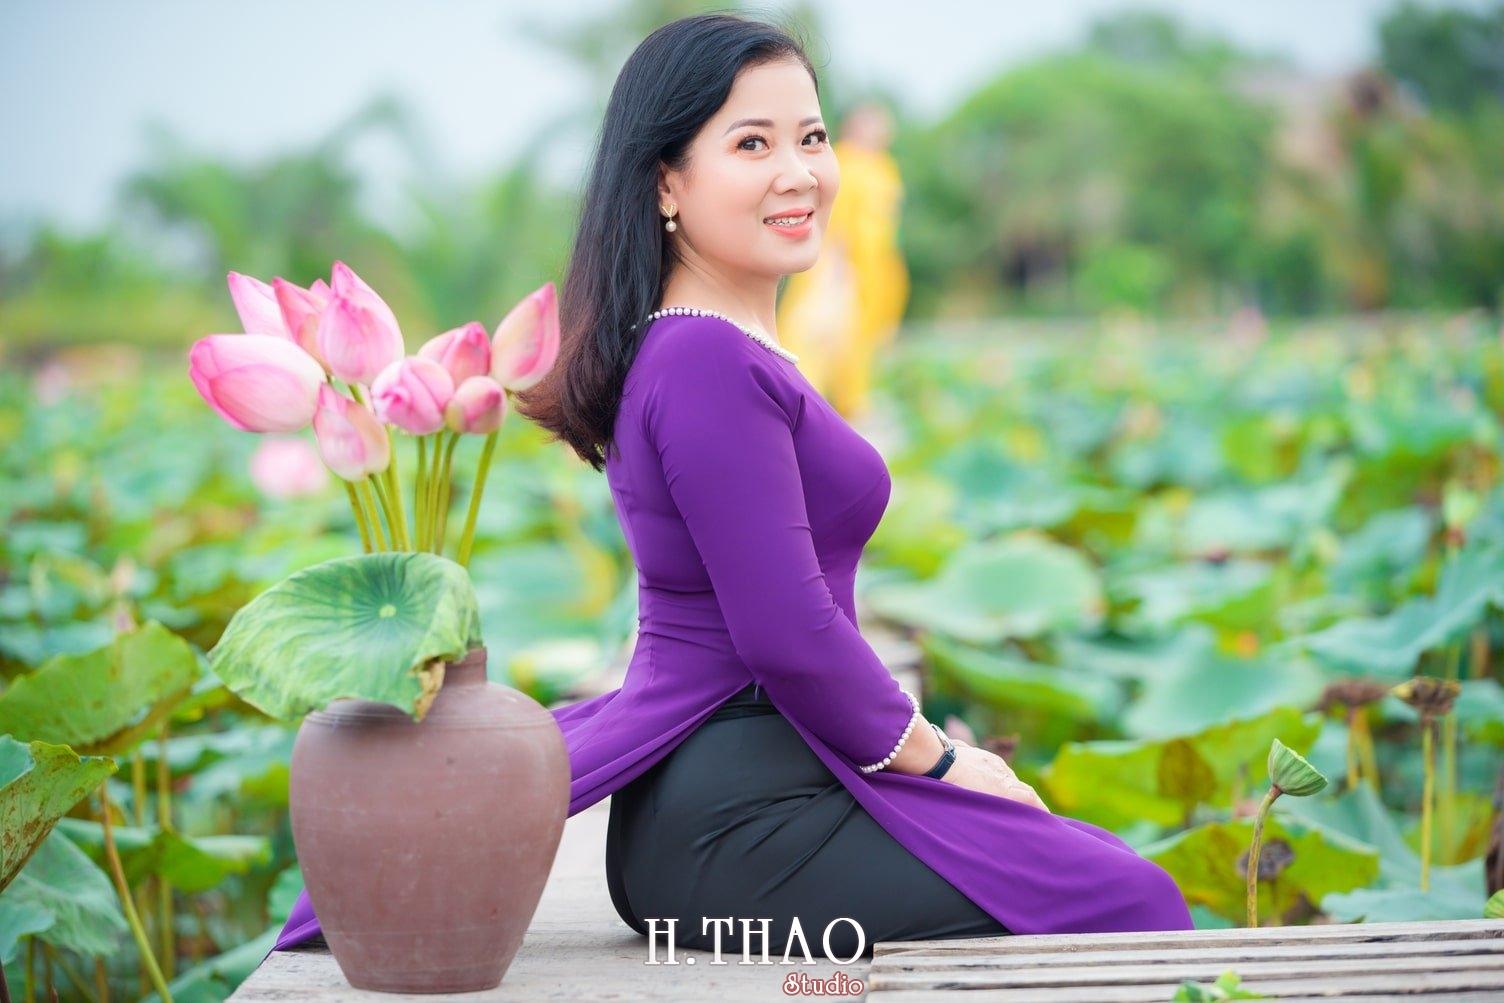 Anh Hoa sen tam da 33 - Bộ ảnh hoa sen với áo dài tím đẹp dễ thương - HThao Studio